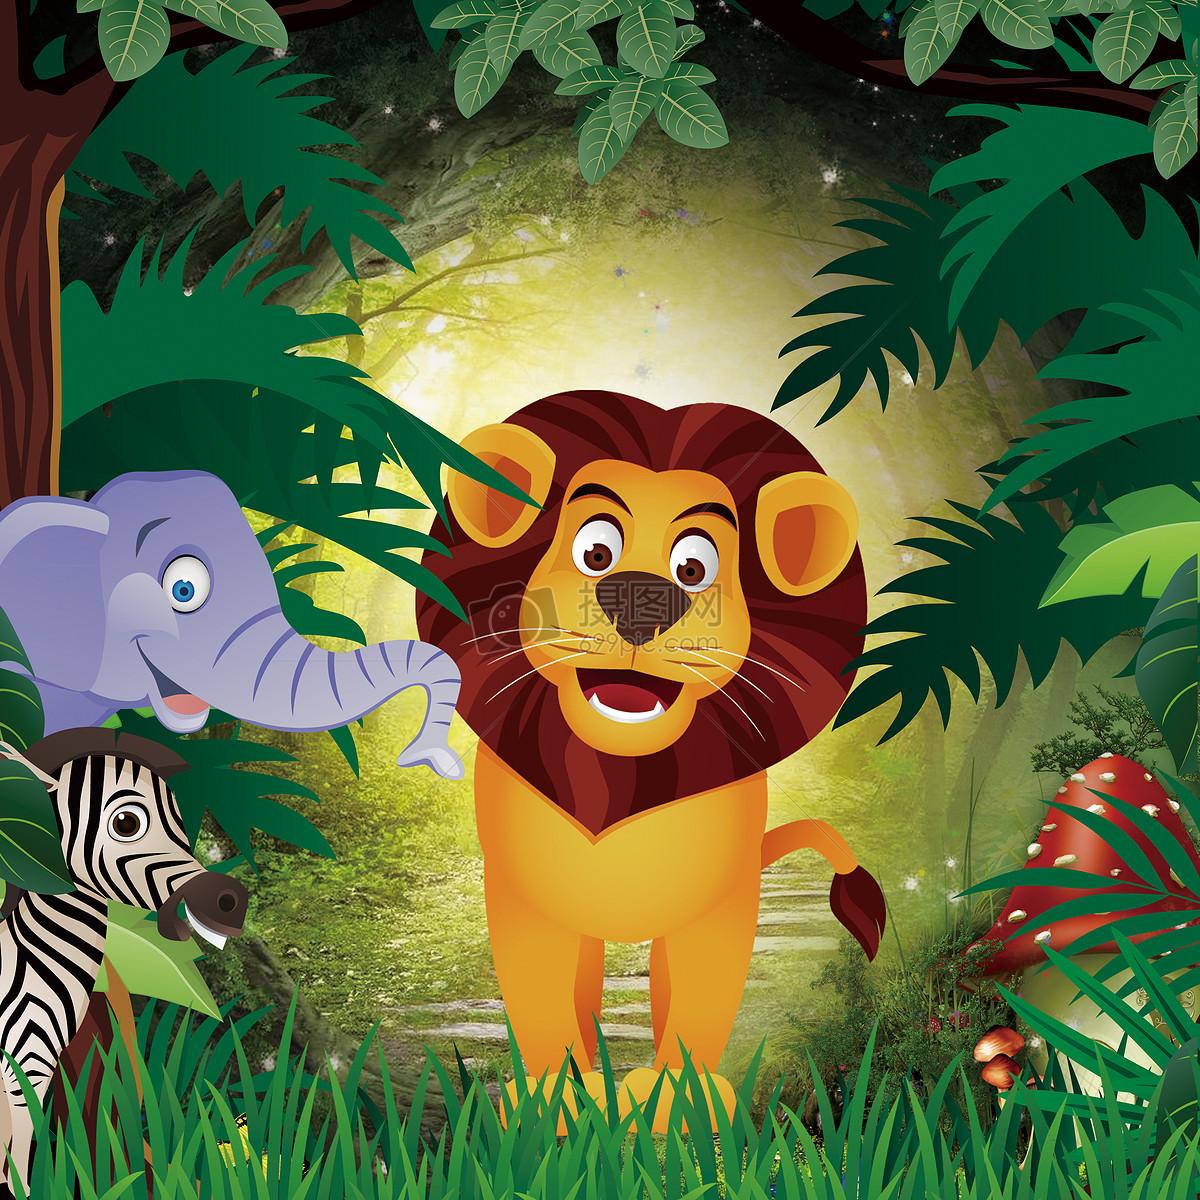 卡通森林图片素材_免费下载_jpg图片格式_vrf高清图片